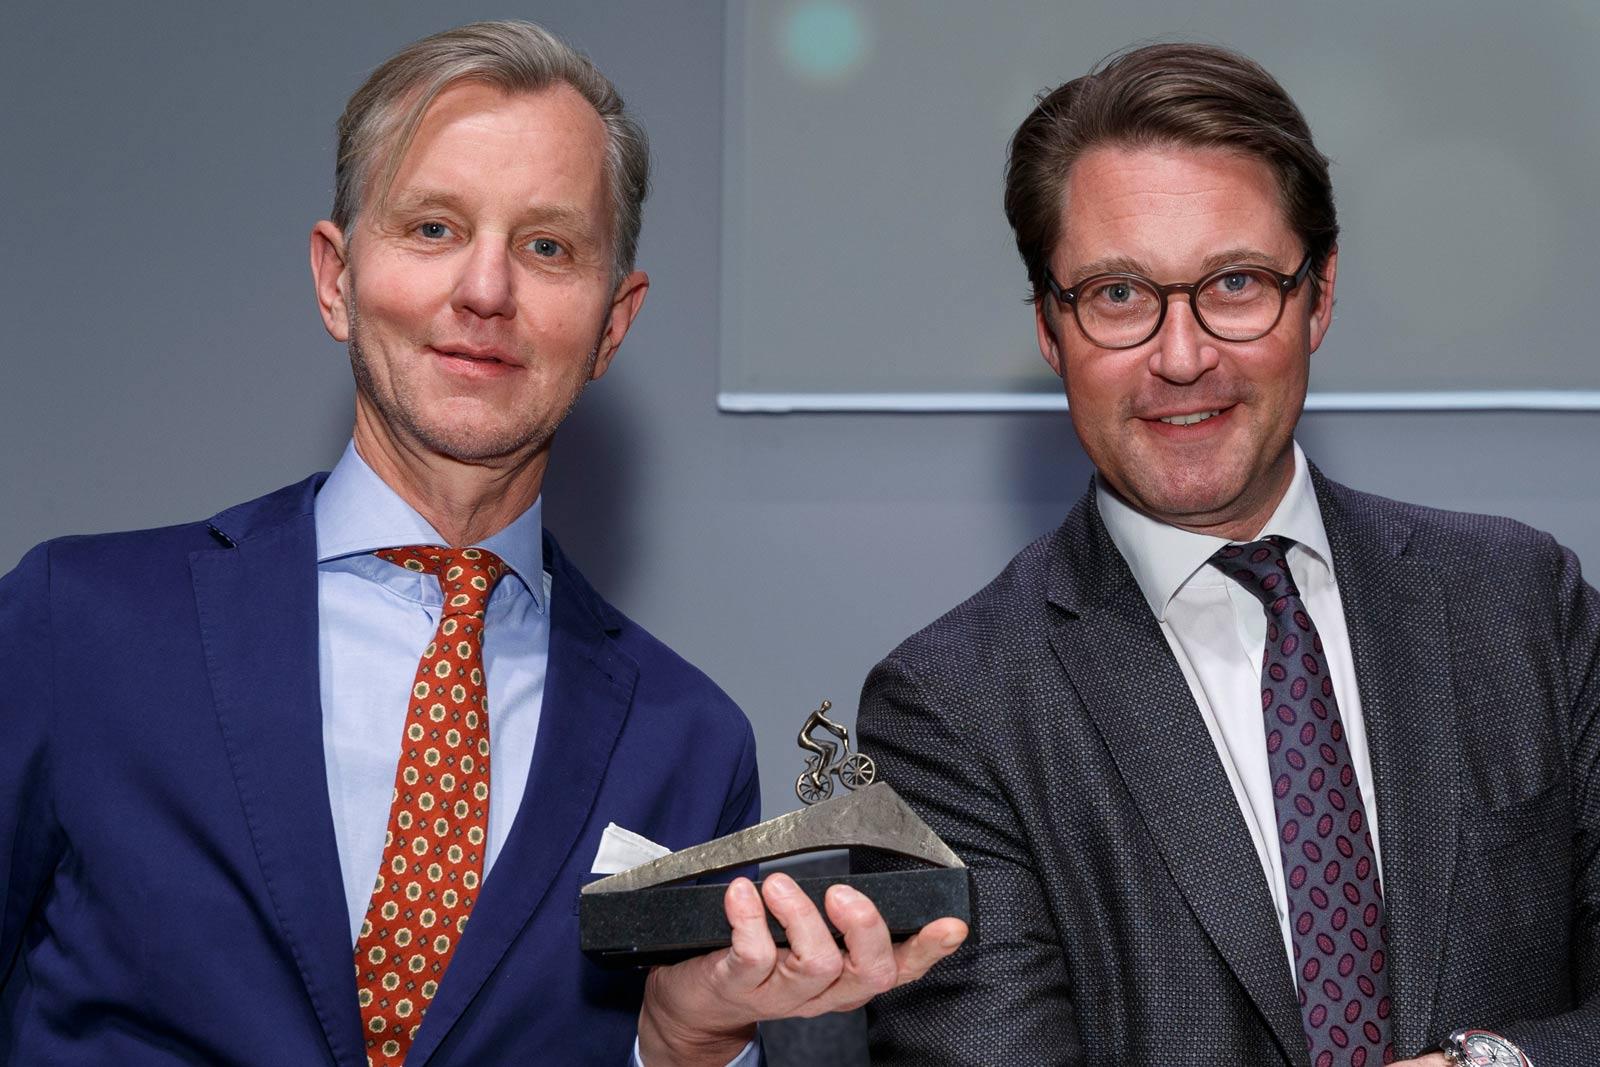 Fahrradfreundlichste Persönlichkeit 2019 Max Raabe mit Andreas Scheuer.